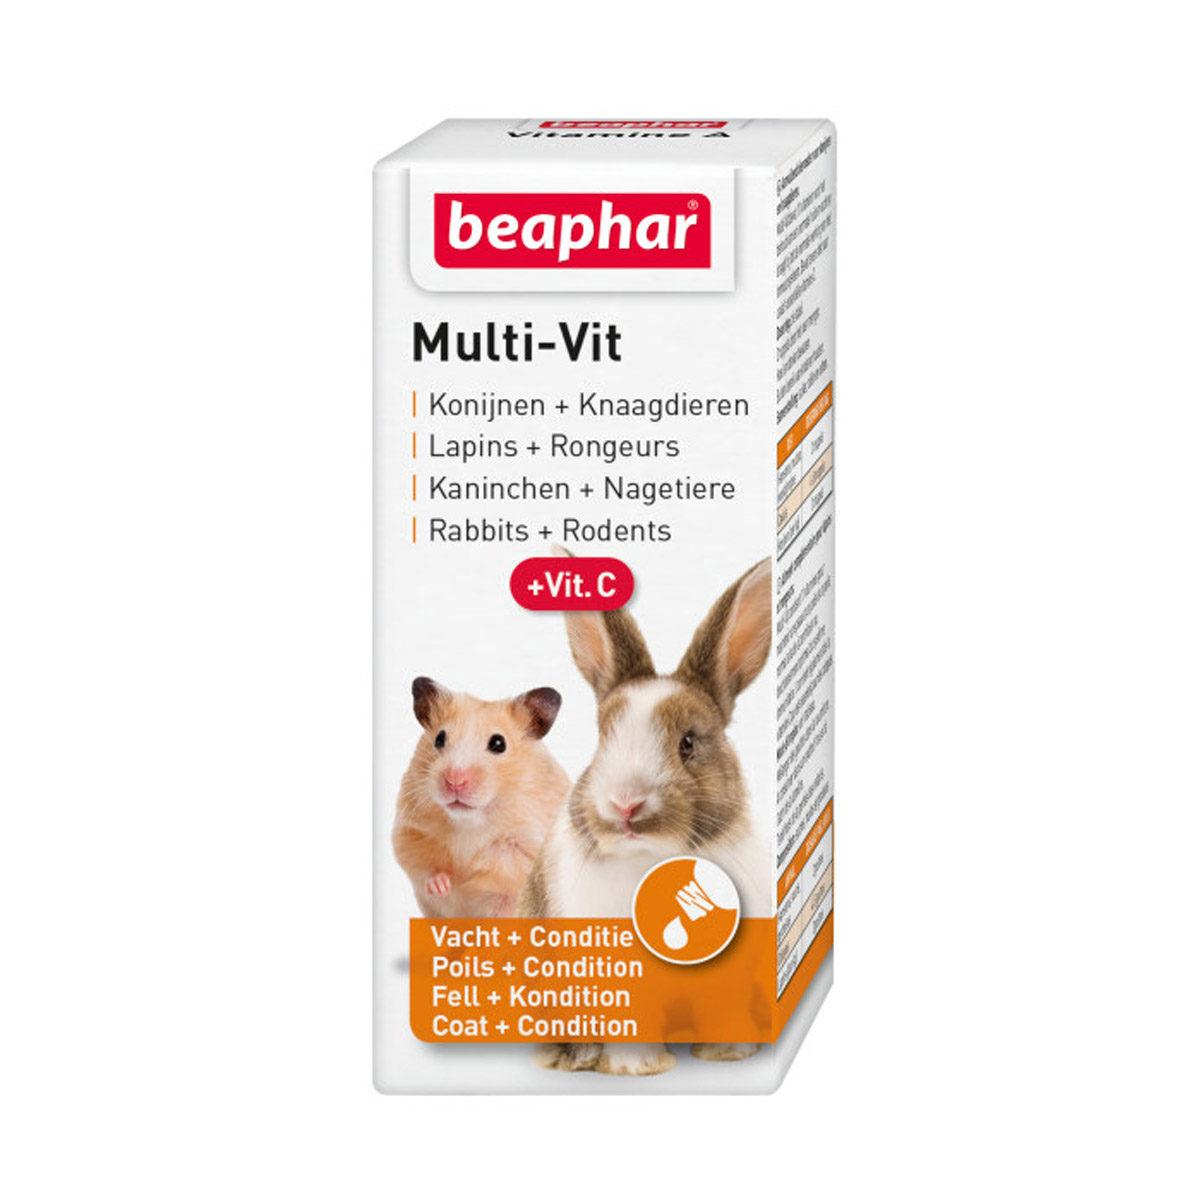 Beaphar Multi Vit Knaagdier 20 ml